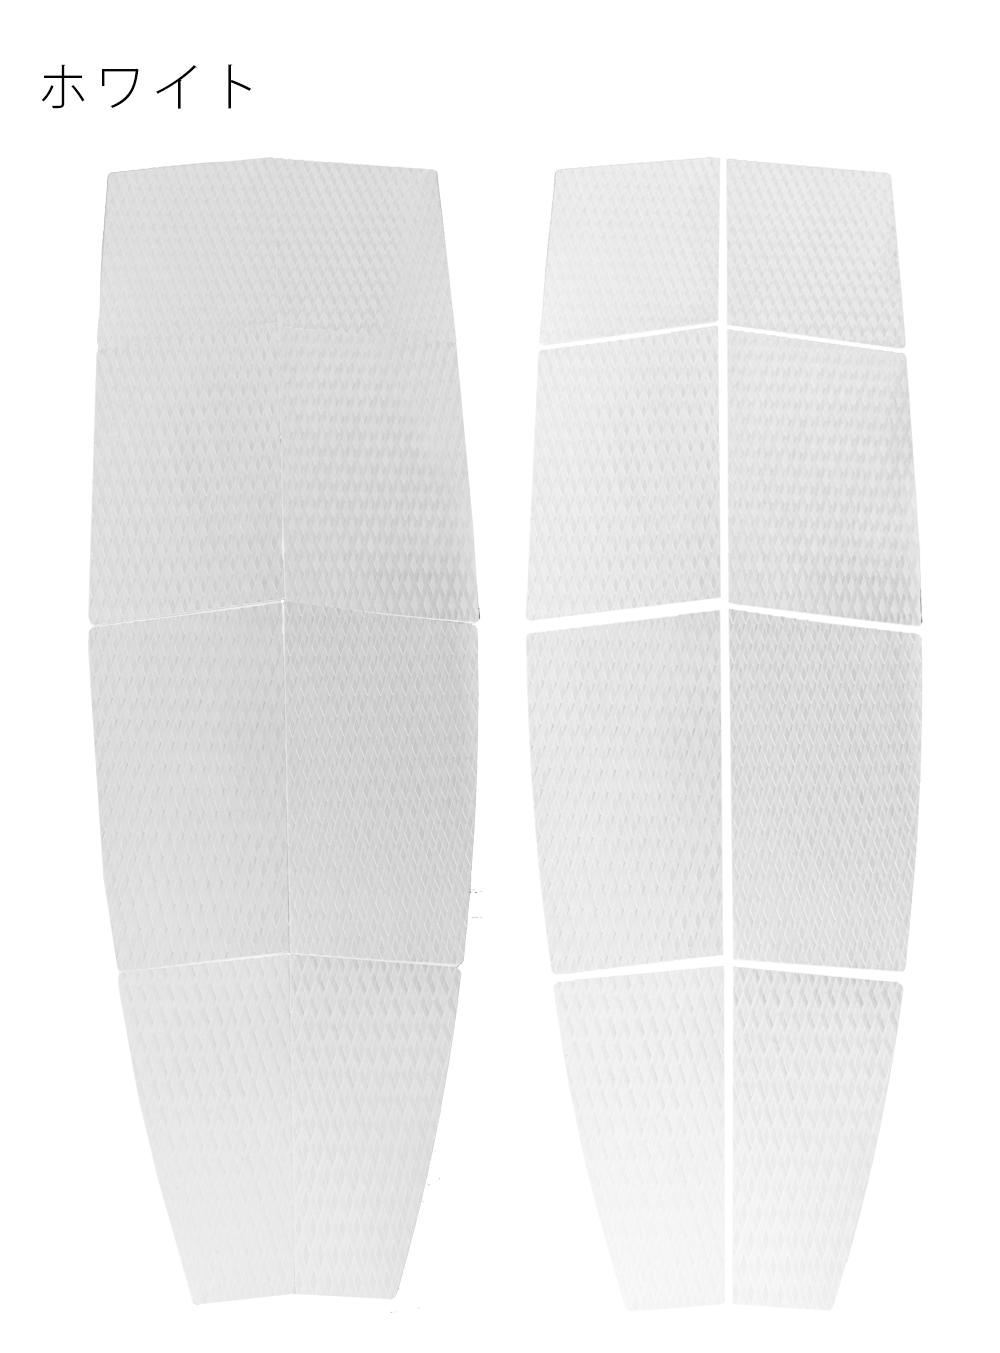 白色のサーフィン用フロントデッキパッド